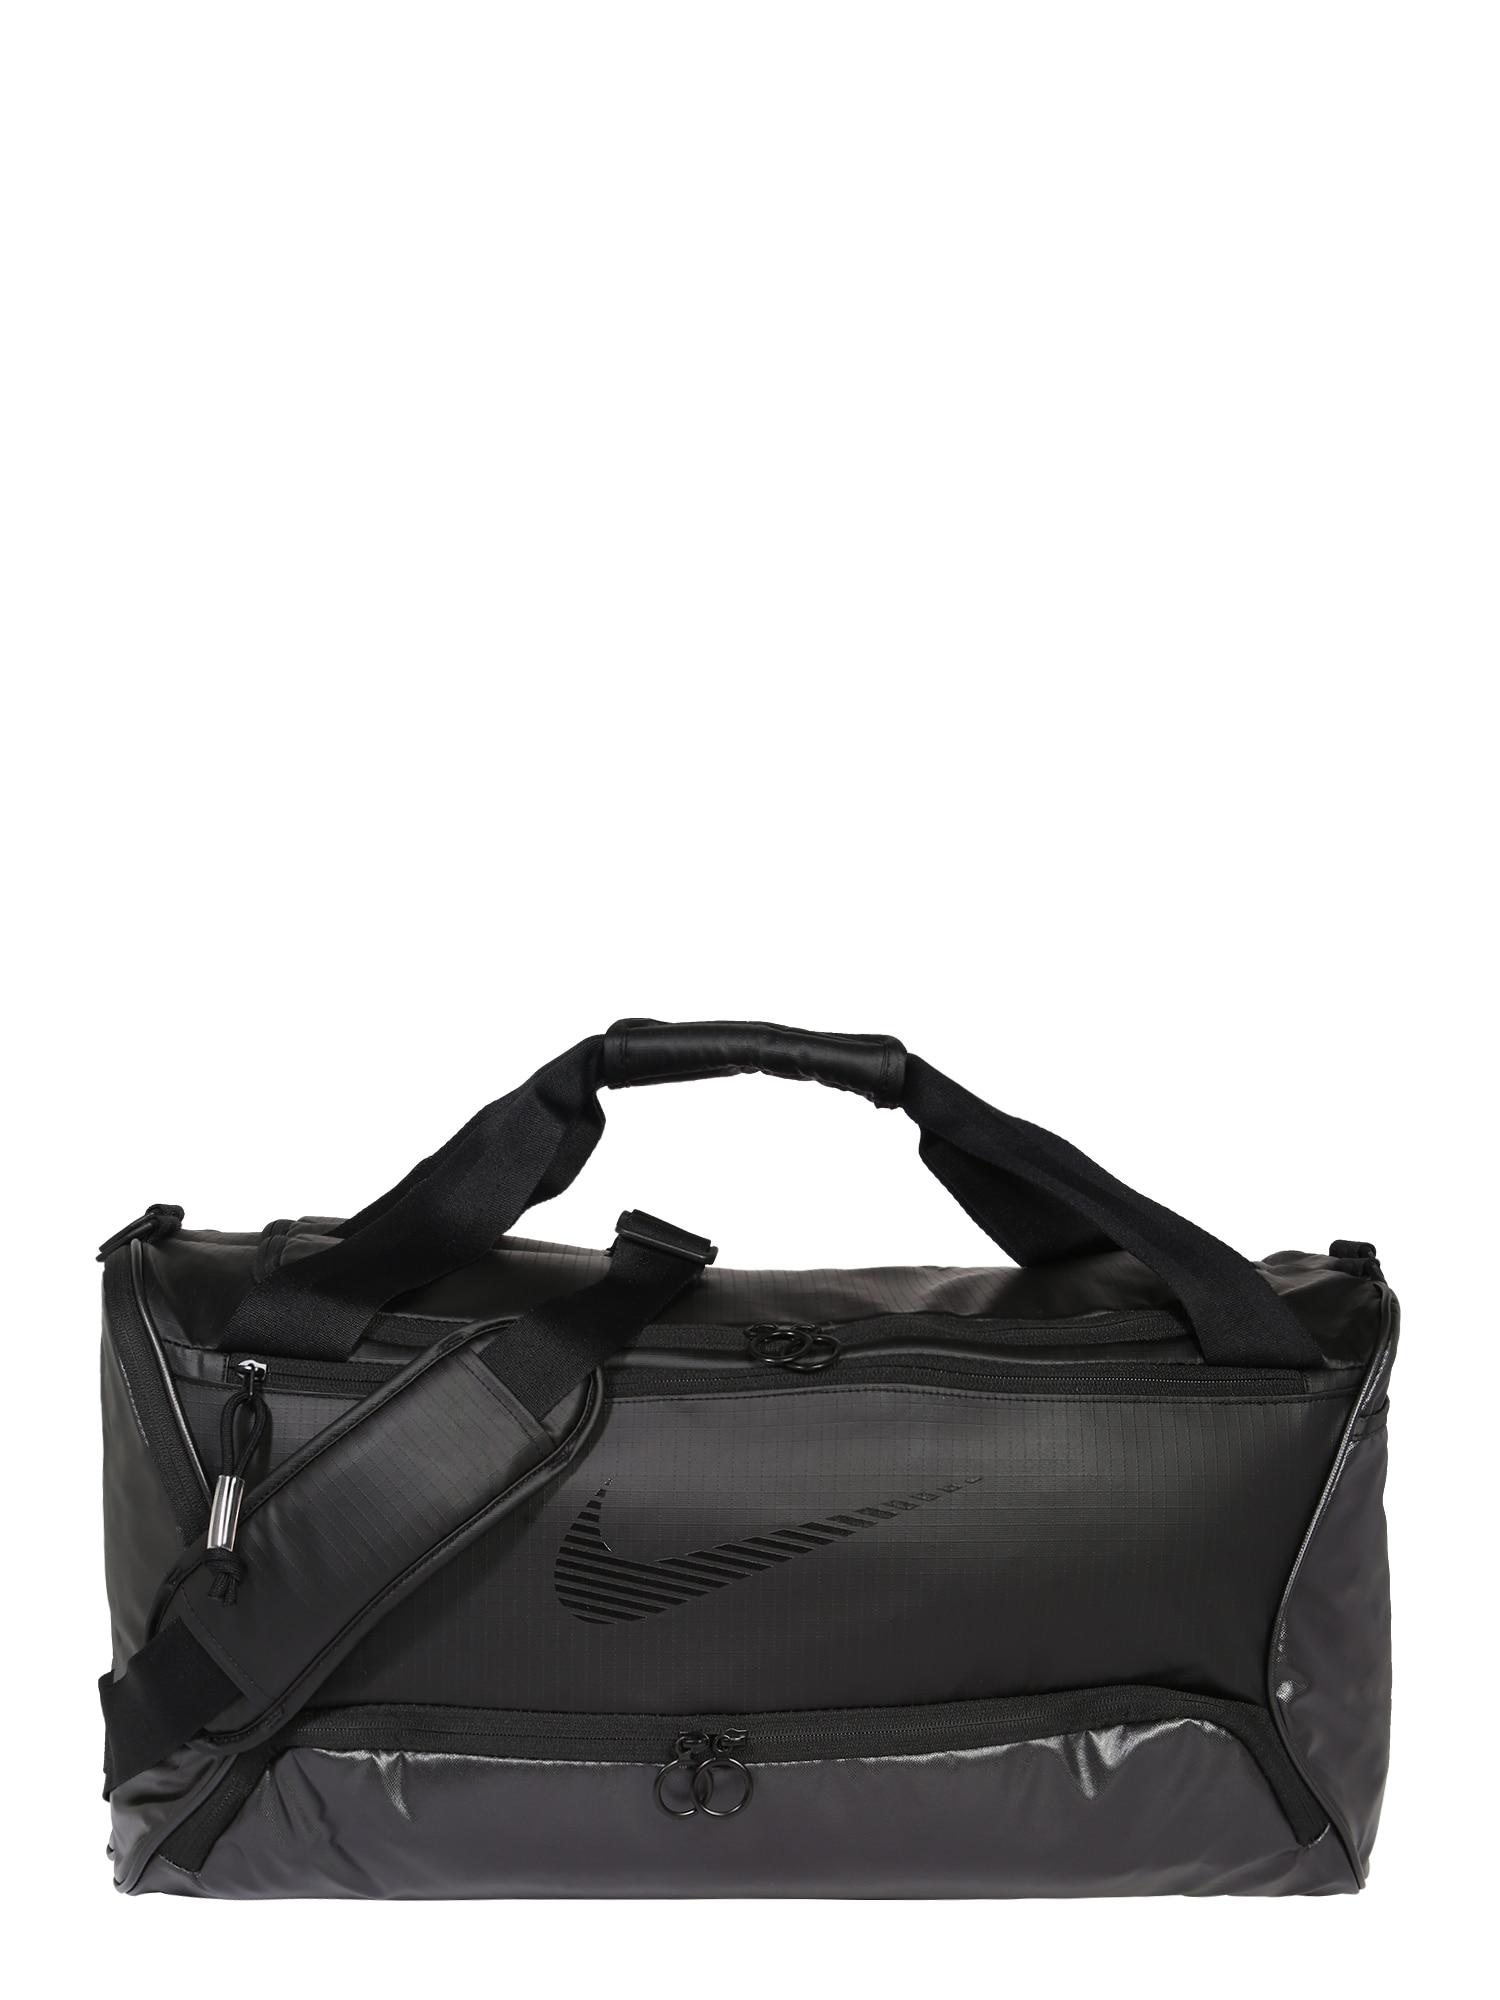 NIKE Sportinis krepšys 'Brasilia' juoda